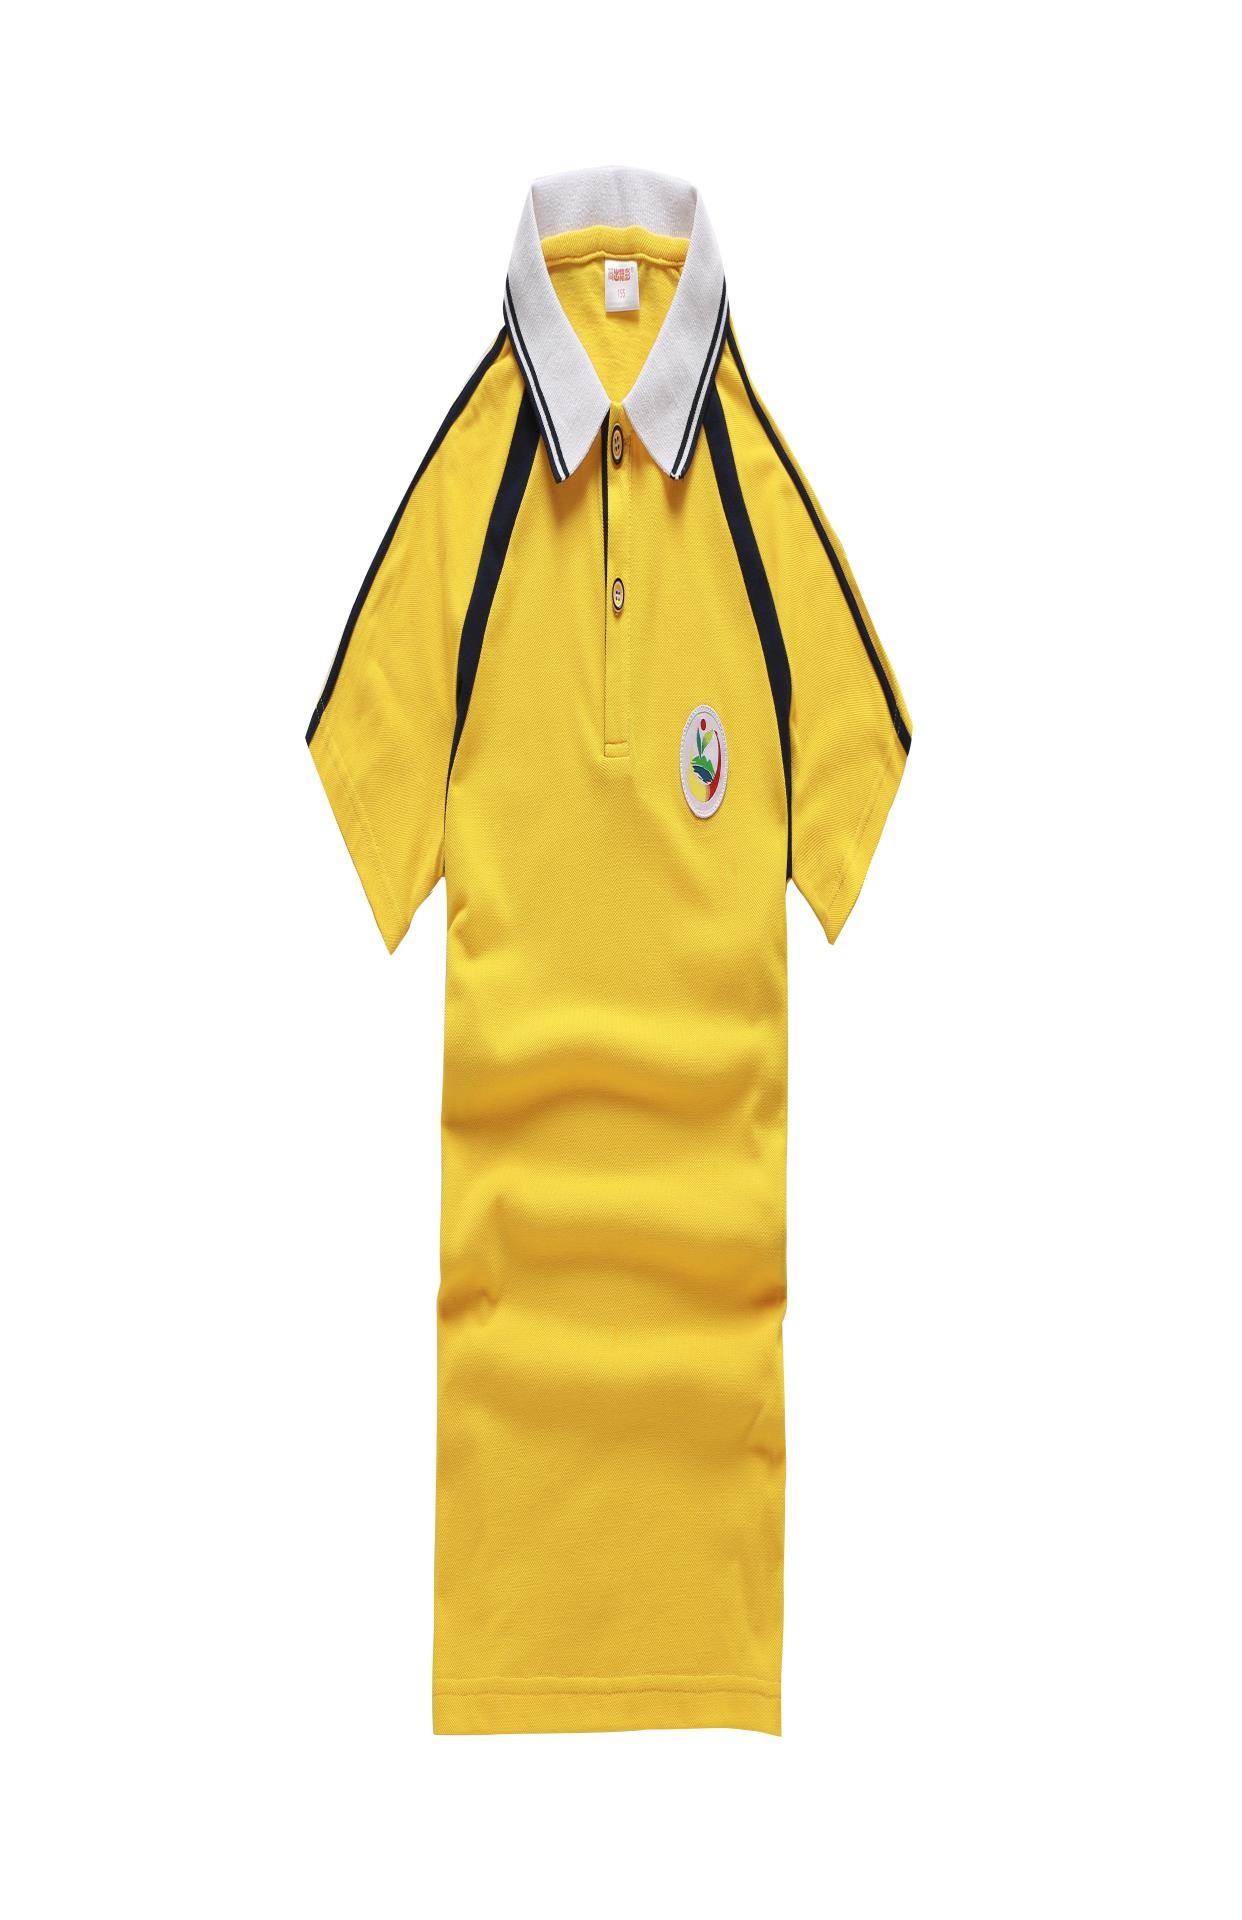 惠州中学生校服惠城区男女同款夏季校服服务保证质量